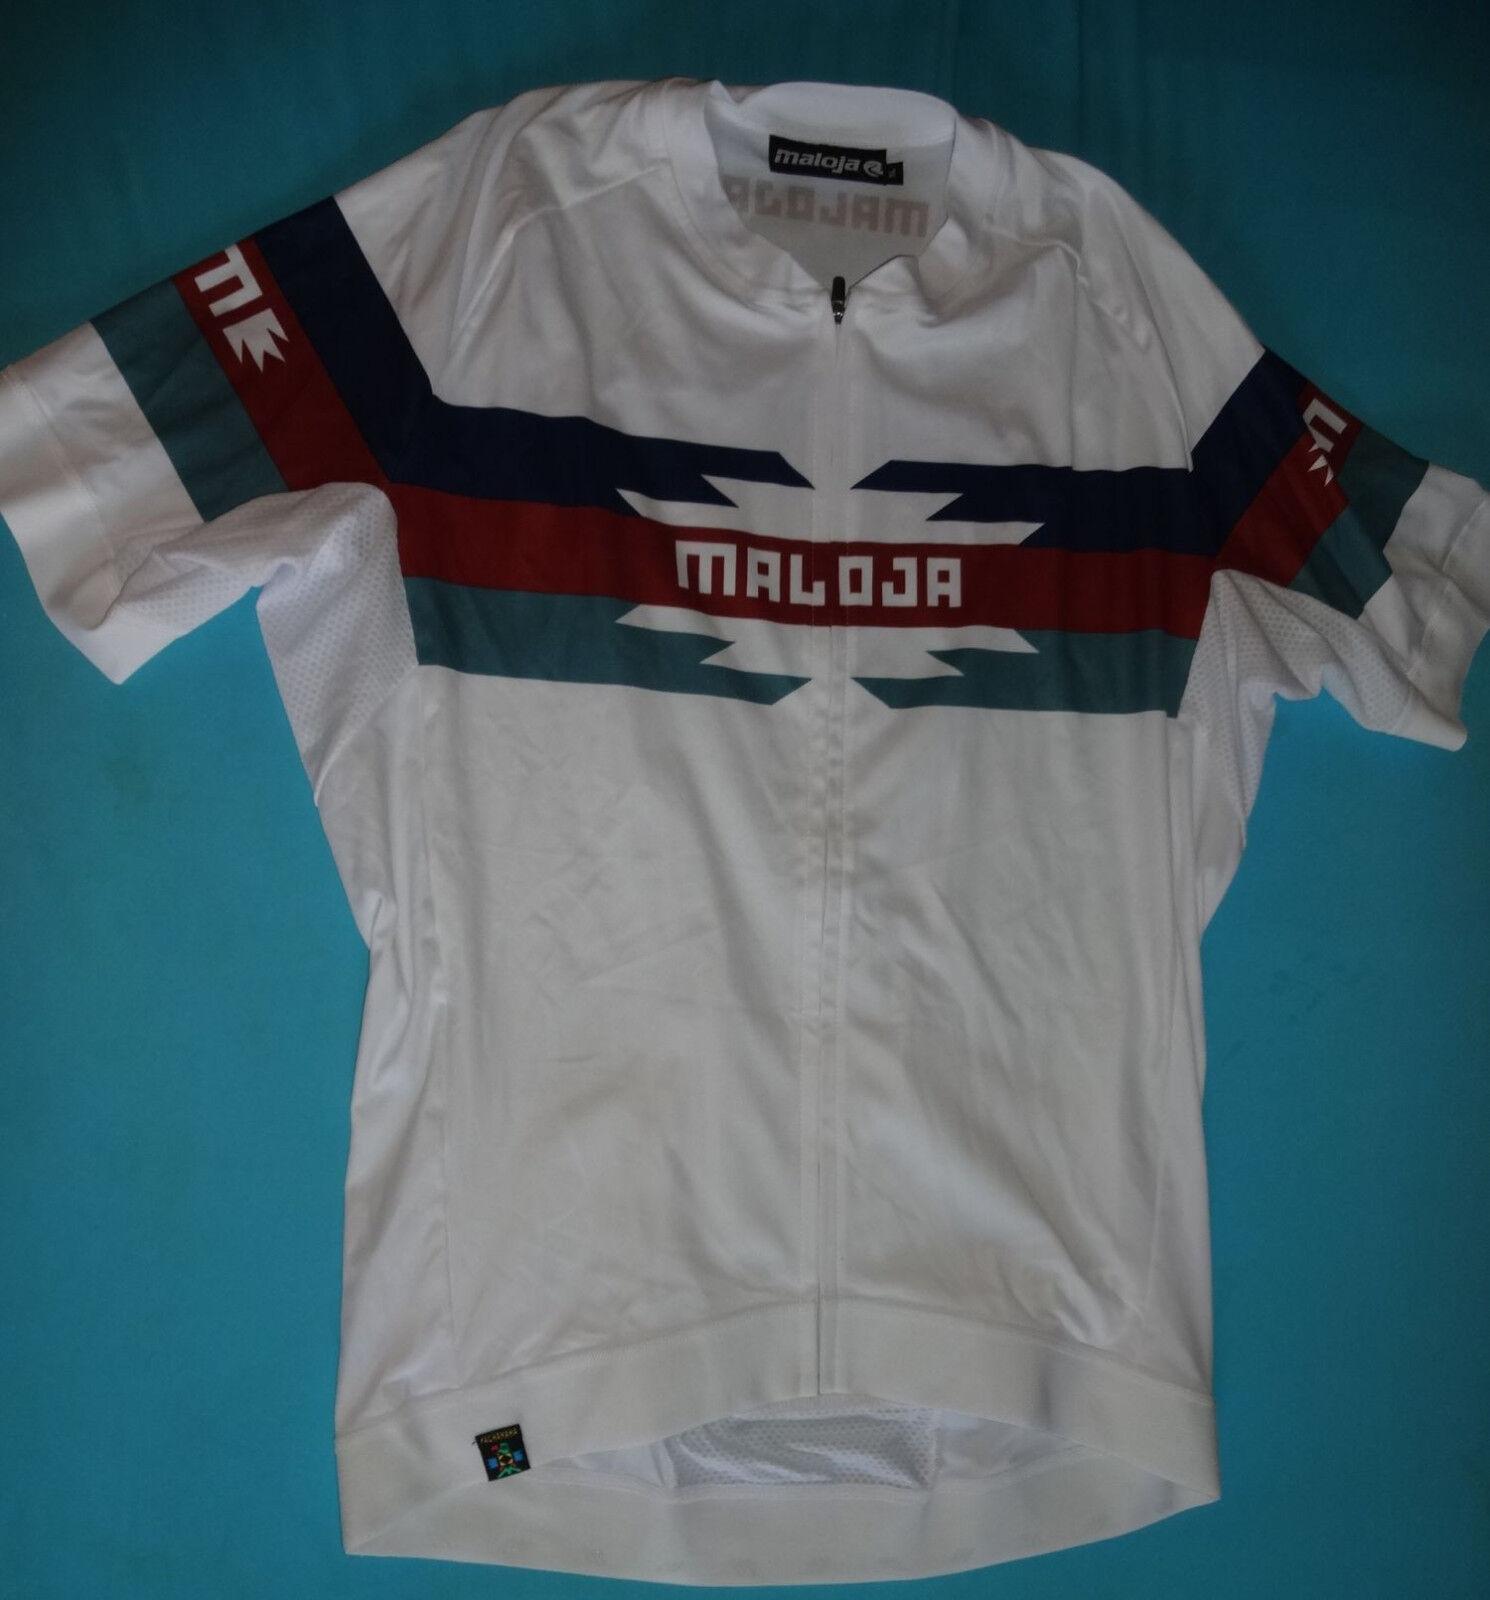 Maloja Rennrad Fahrrad MTB Trikot T-Shirt Gr. XL